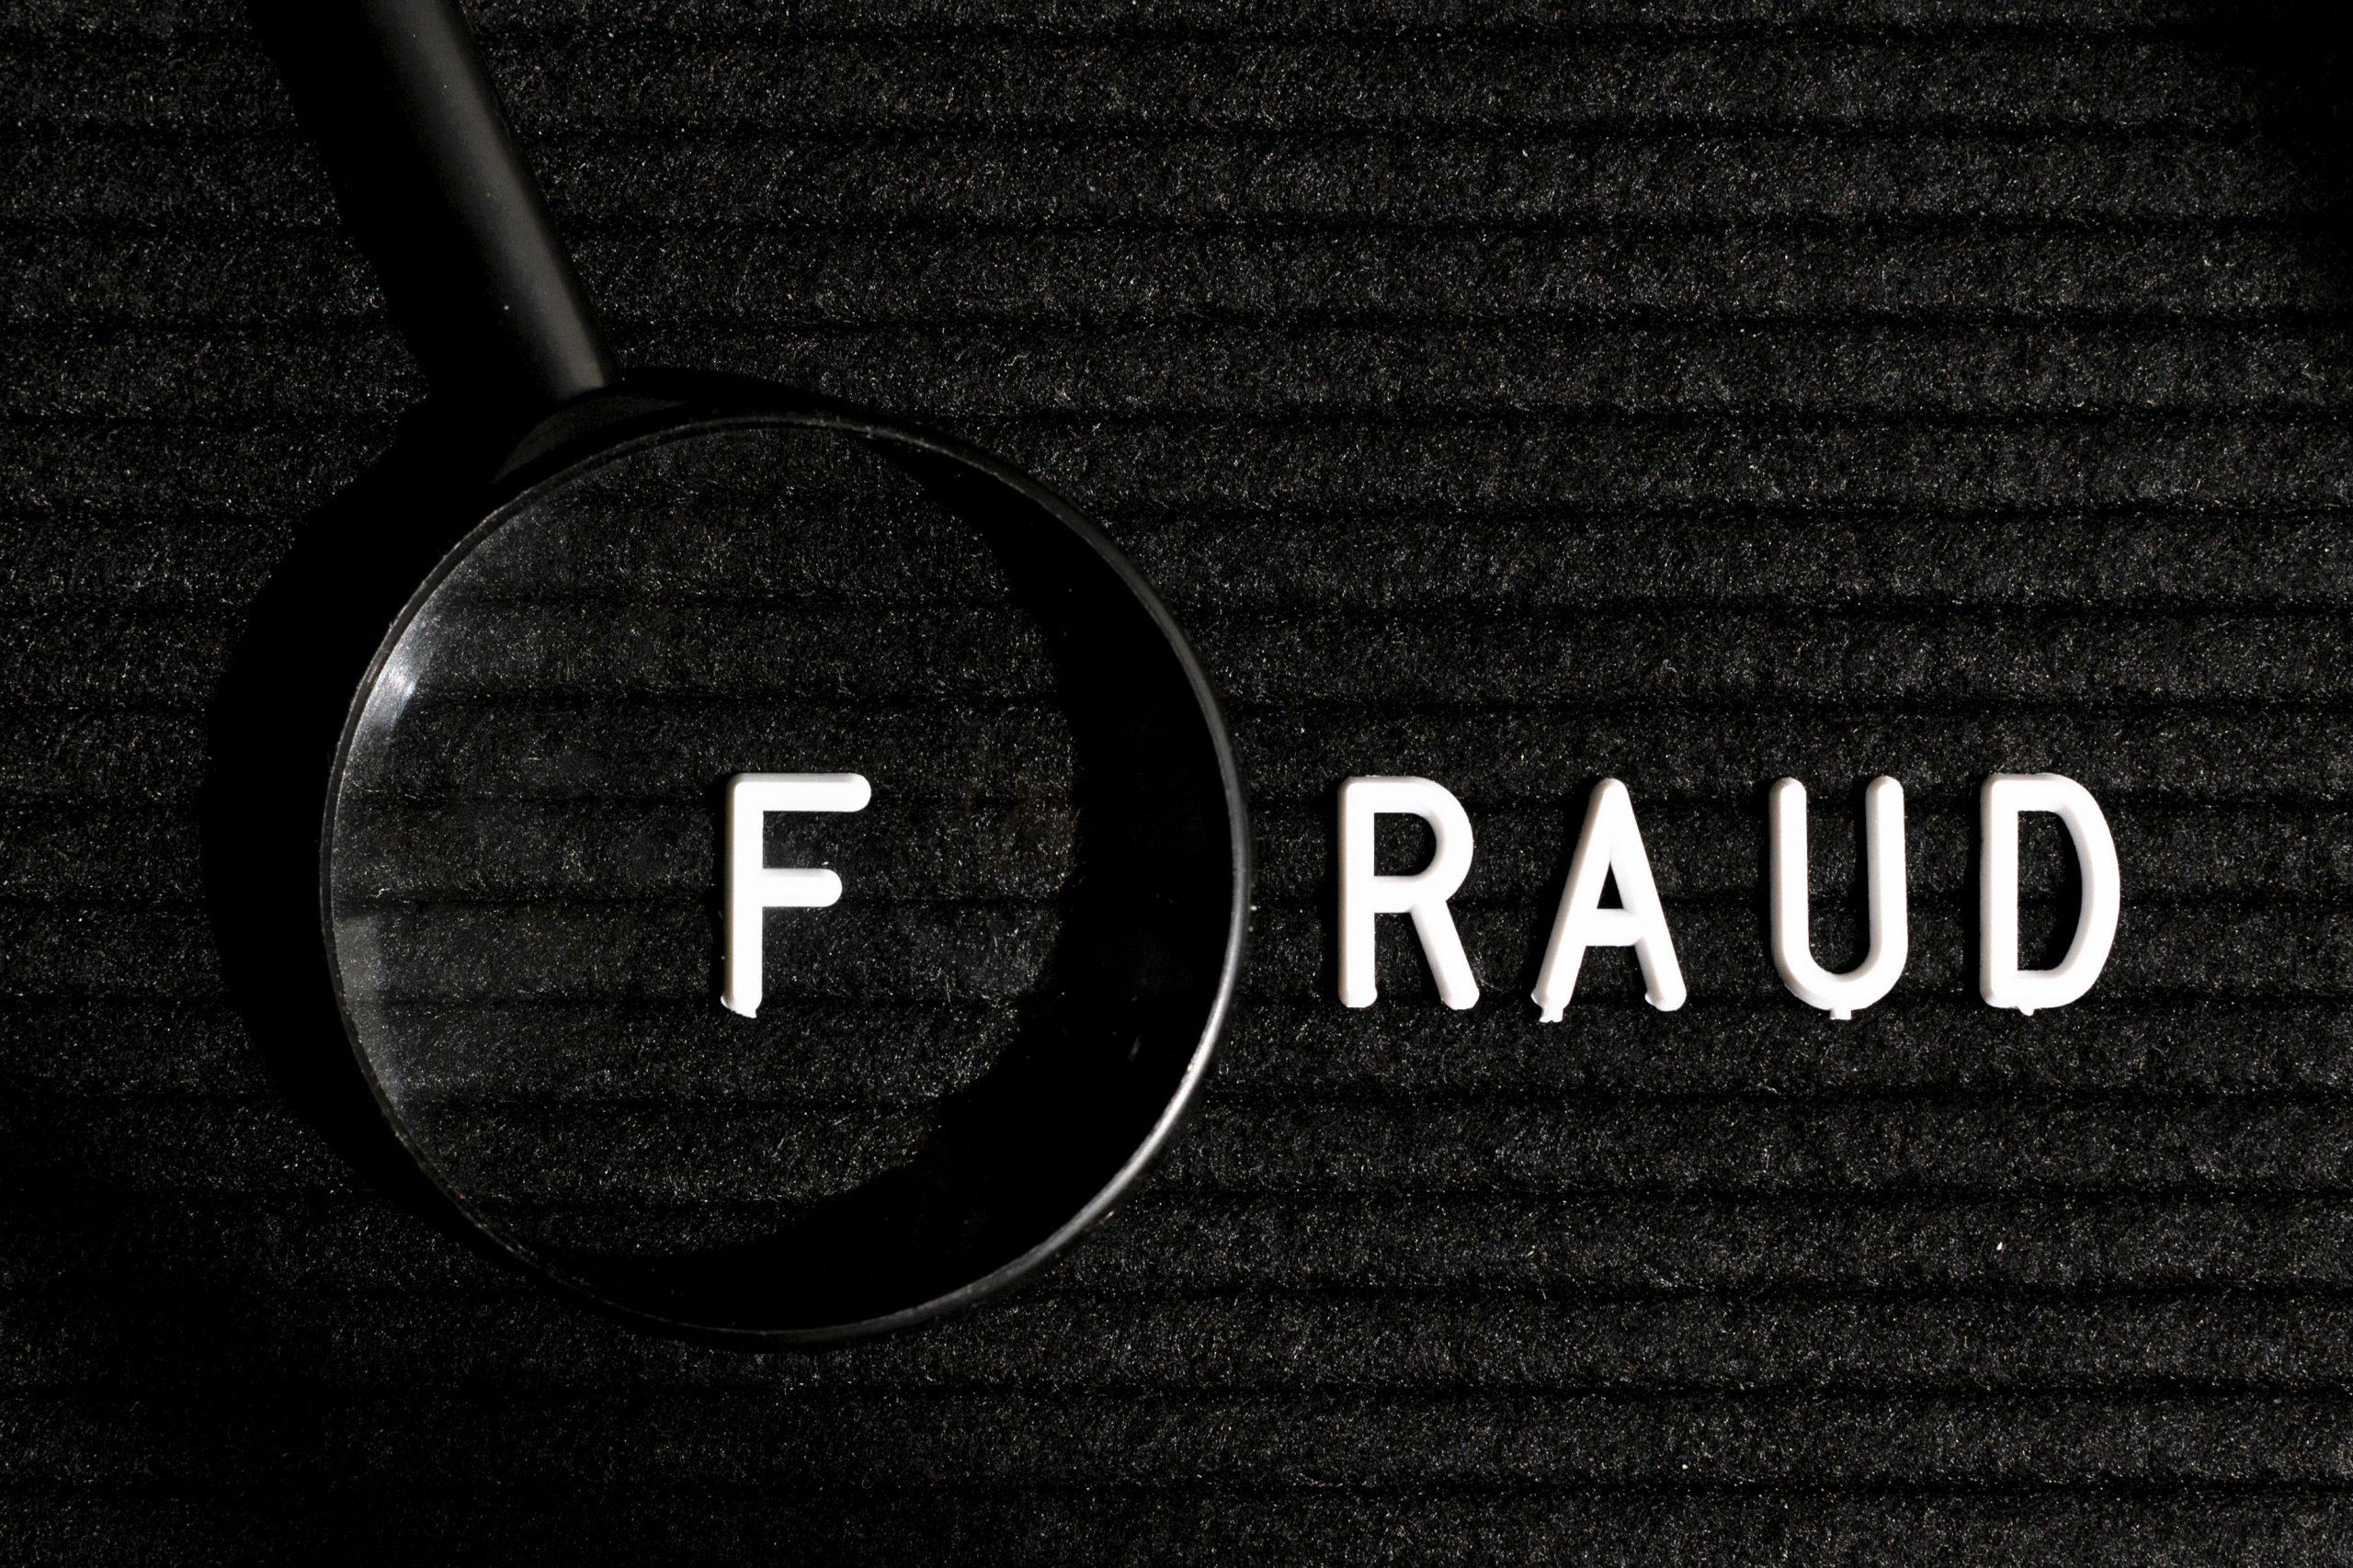 Vazamento de dados: saiba como fraudadores sacam o FGTS e o que fazer para evitar o golpe